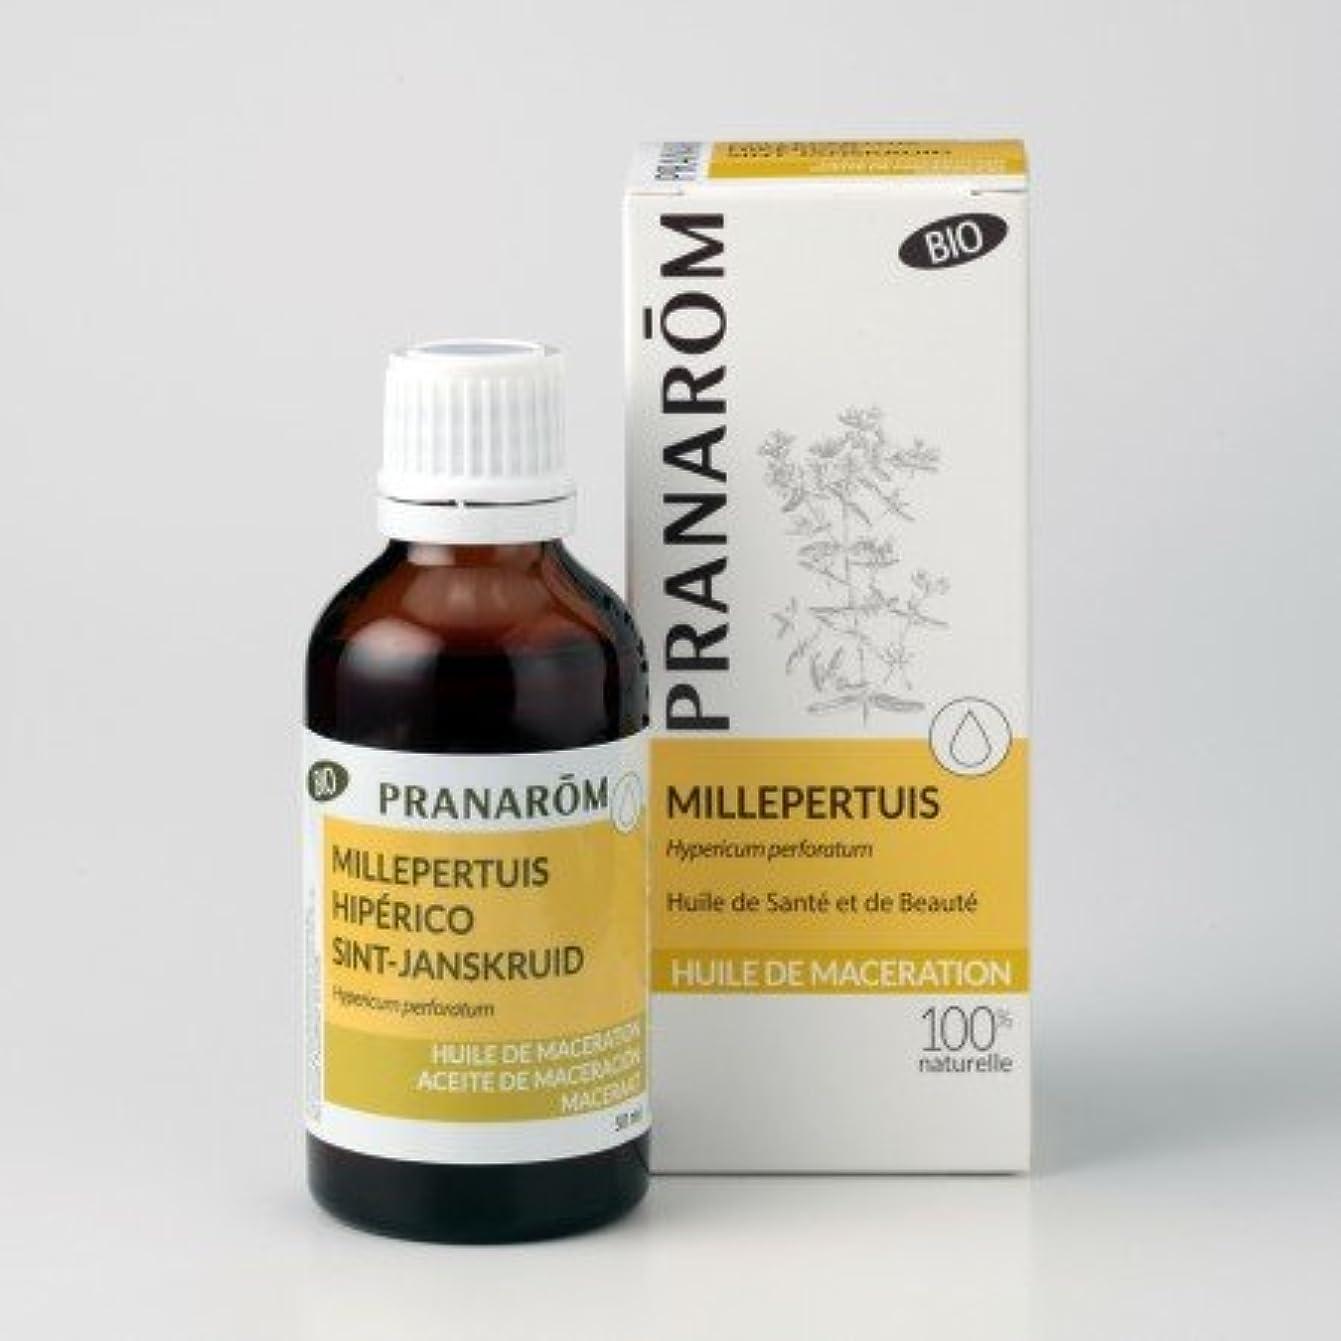 残りメッセージアトミックプラナロム ( PRANAROM ) 植物油 セントジョンズワート油 50ml 12531 セントジョンズワートオイル キャリアオイル ( 化粧油 )